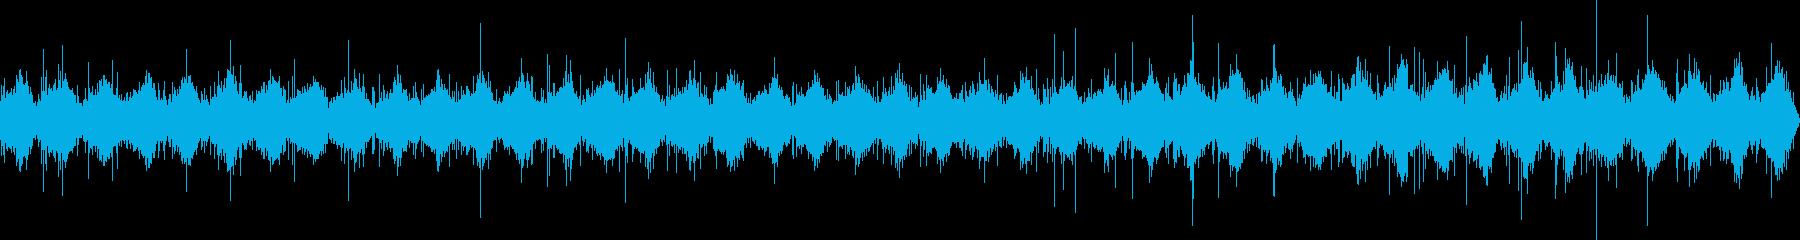 リズミカルな噴水の再生済みの波形